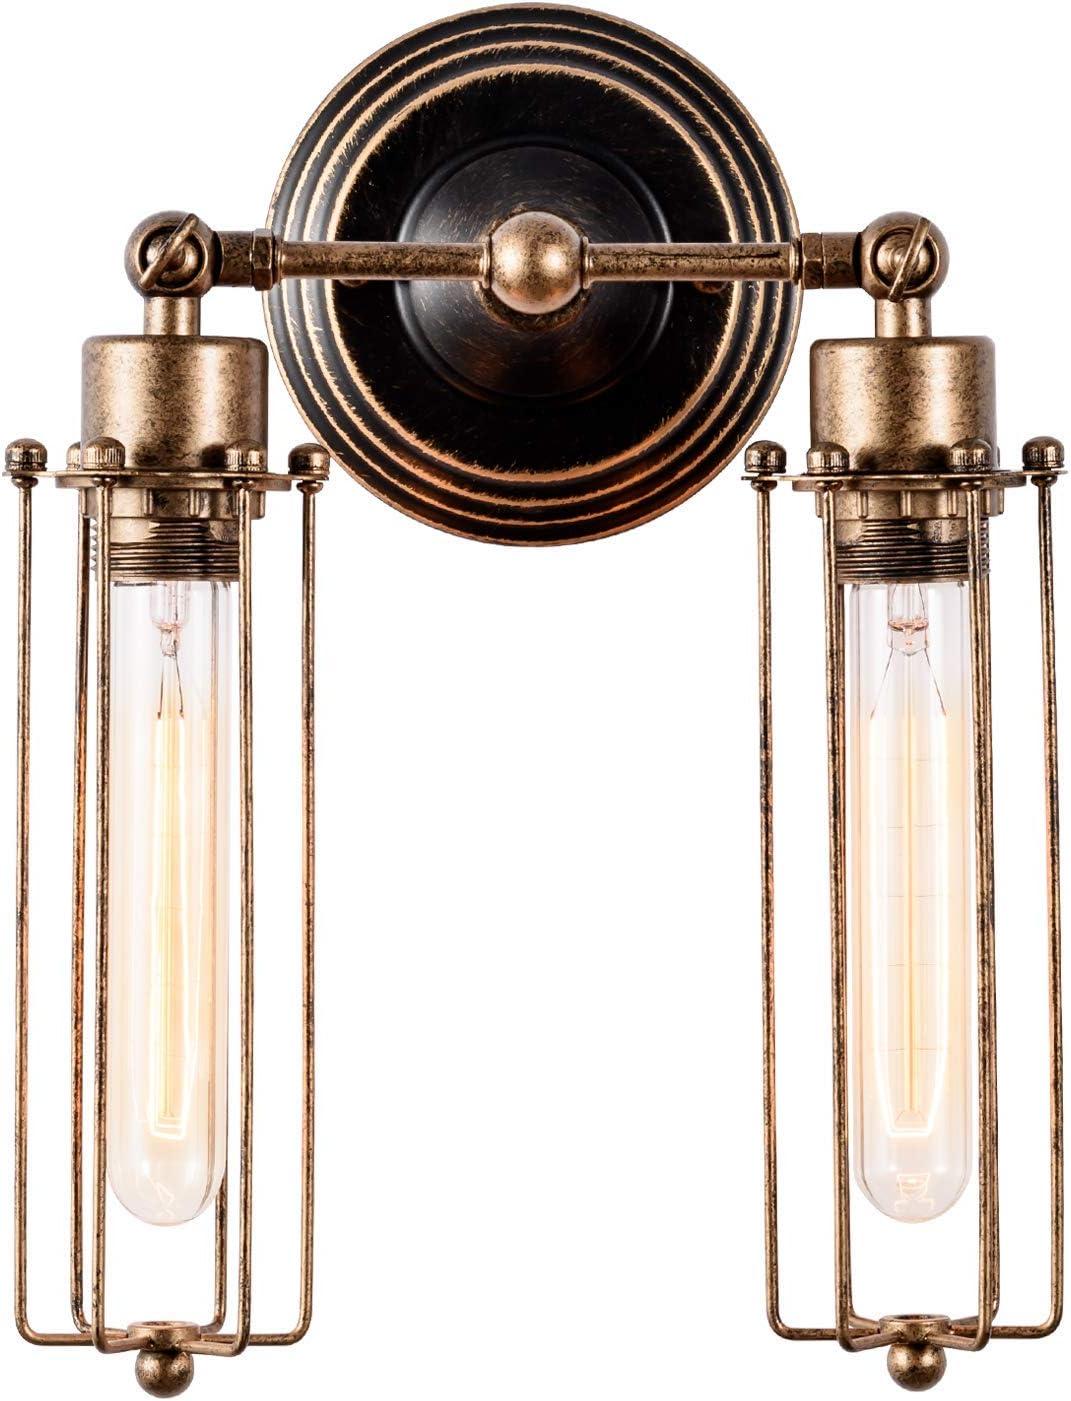 Apliques de Pared Vintage Ajustable Metal Lampara Rustica Retro Lámpara Industrial de Pared E27 para la Salon, Cocina, Desván, Restaurante,Decoración (Tube, Bronce, Bombillas No Incluidas)(2 luces)